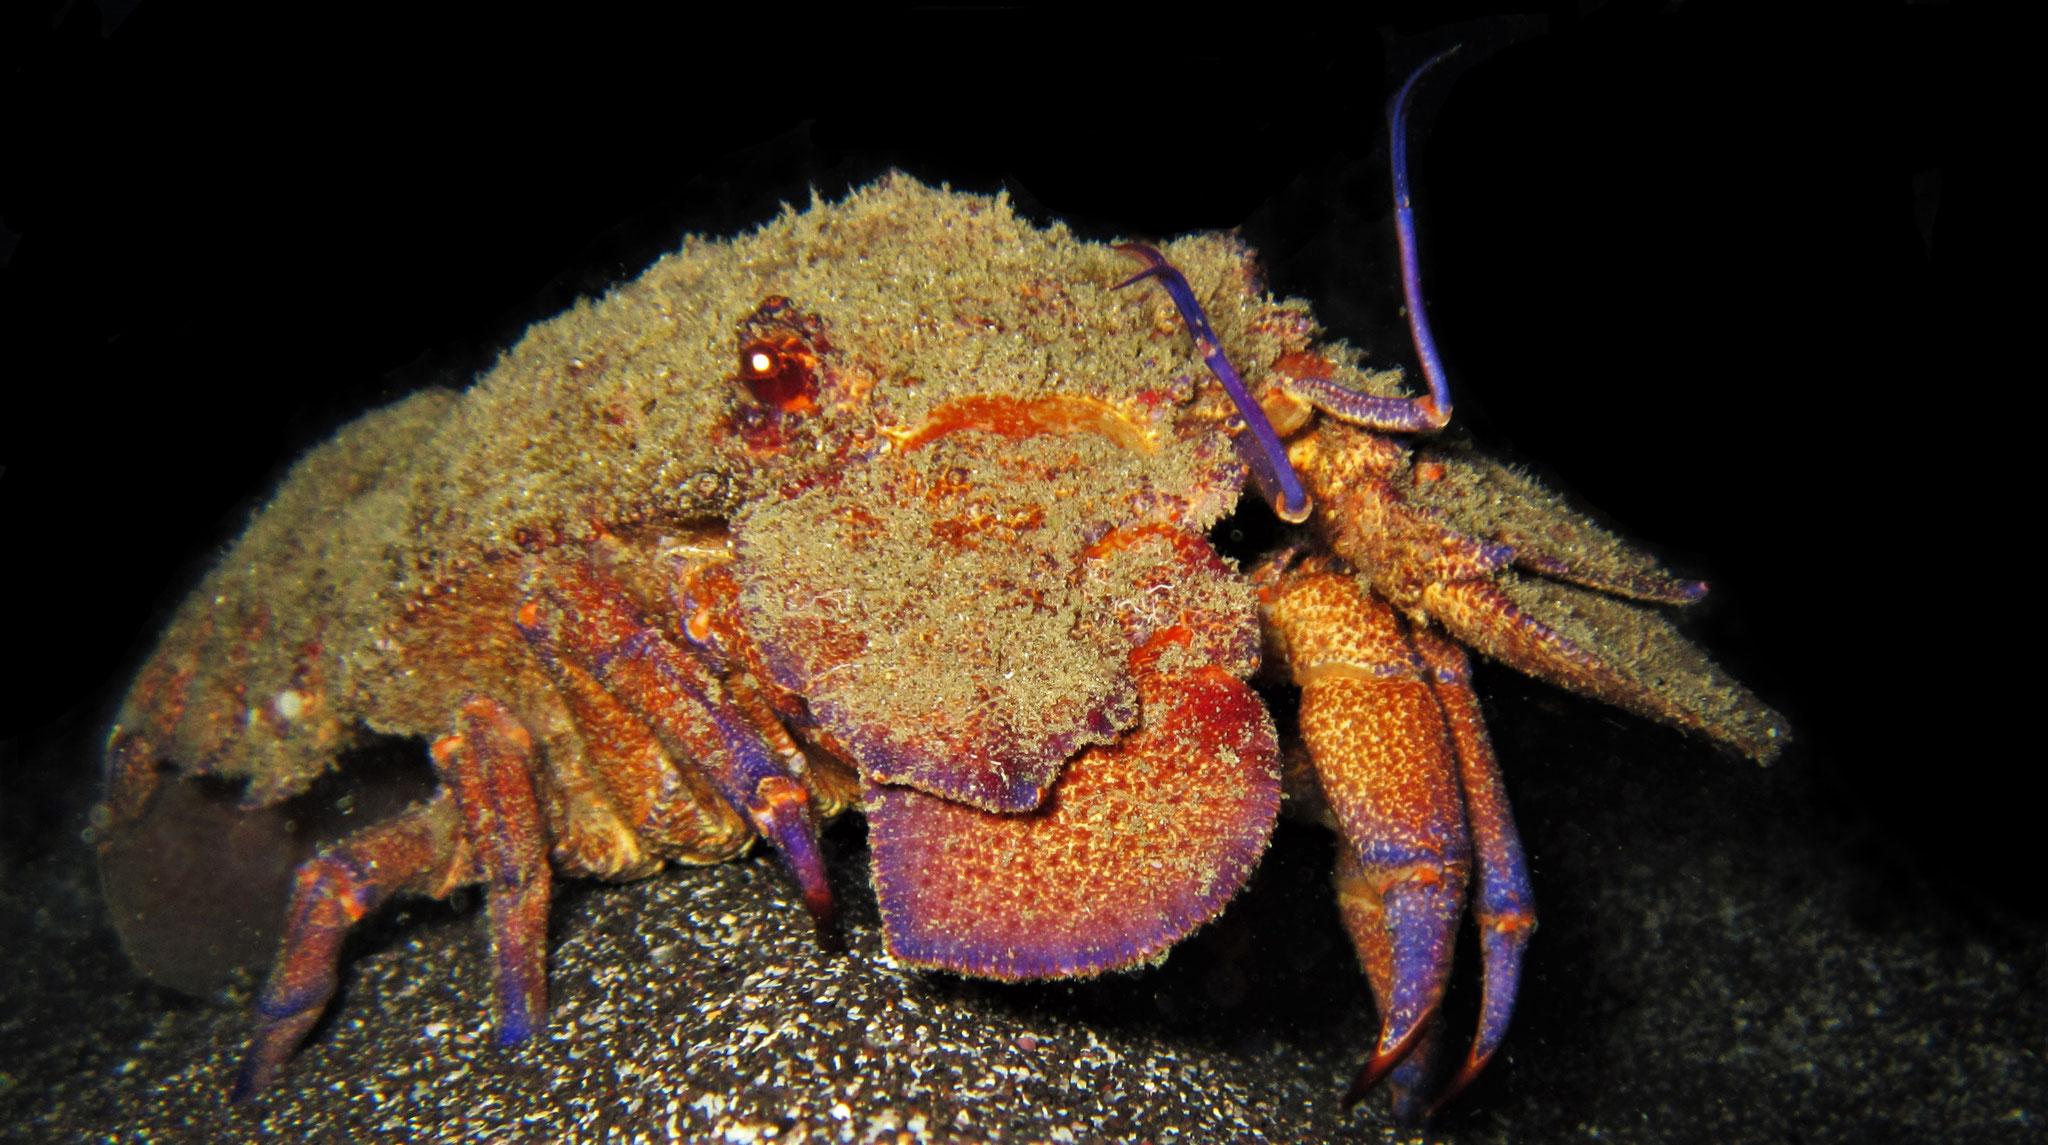 slipper lobster - Scyllarides latus - Cabo Verde - pic by Markus Jimi Ivan - www.jimiivan.at